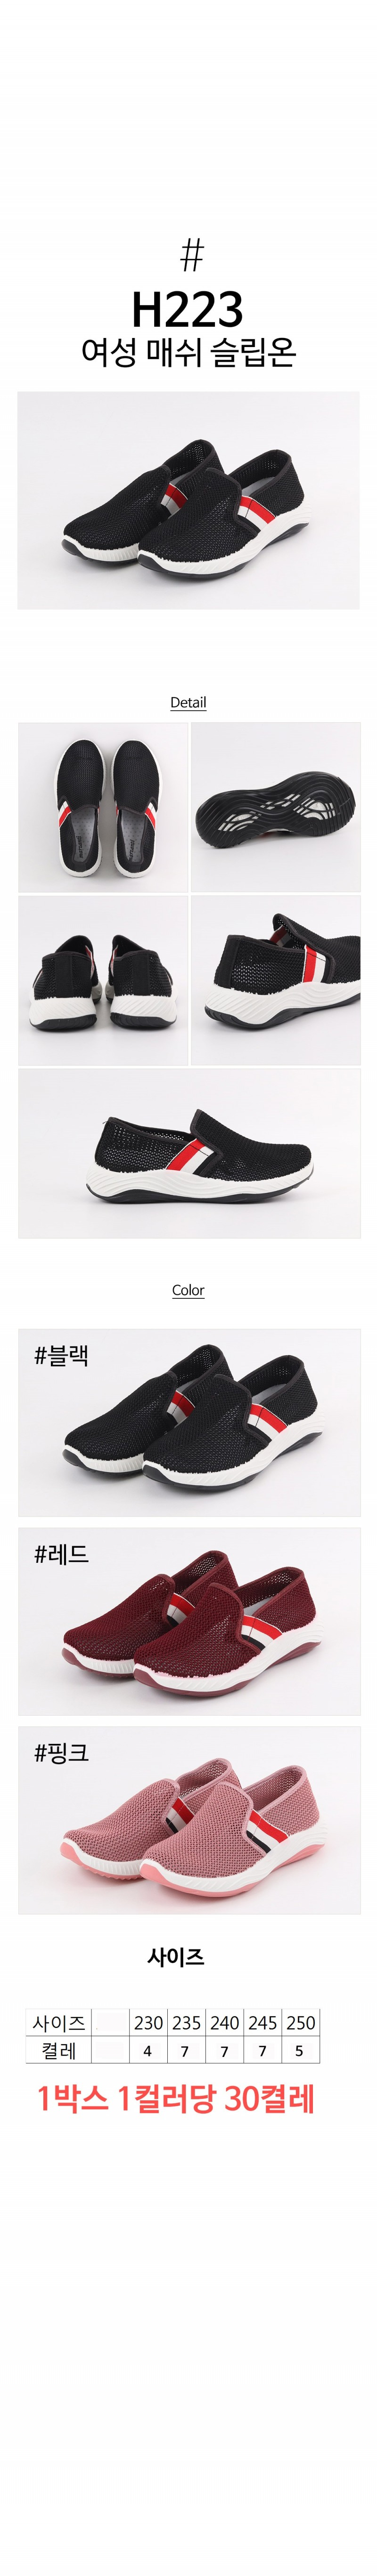 여성 매쉬 슬립온 여름 신발